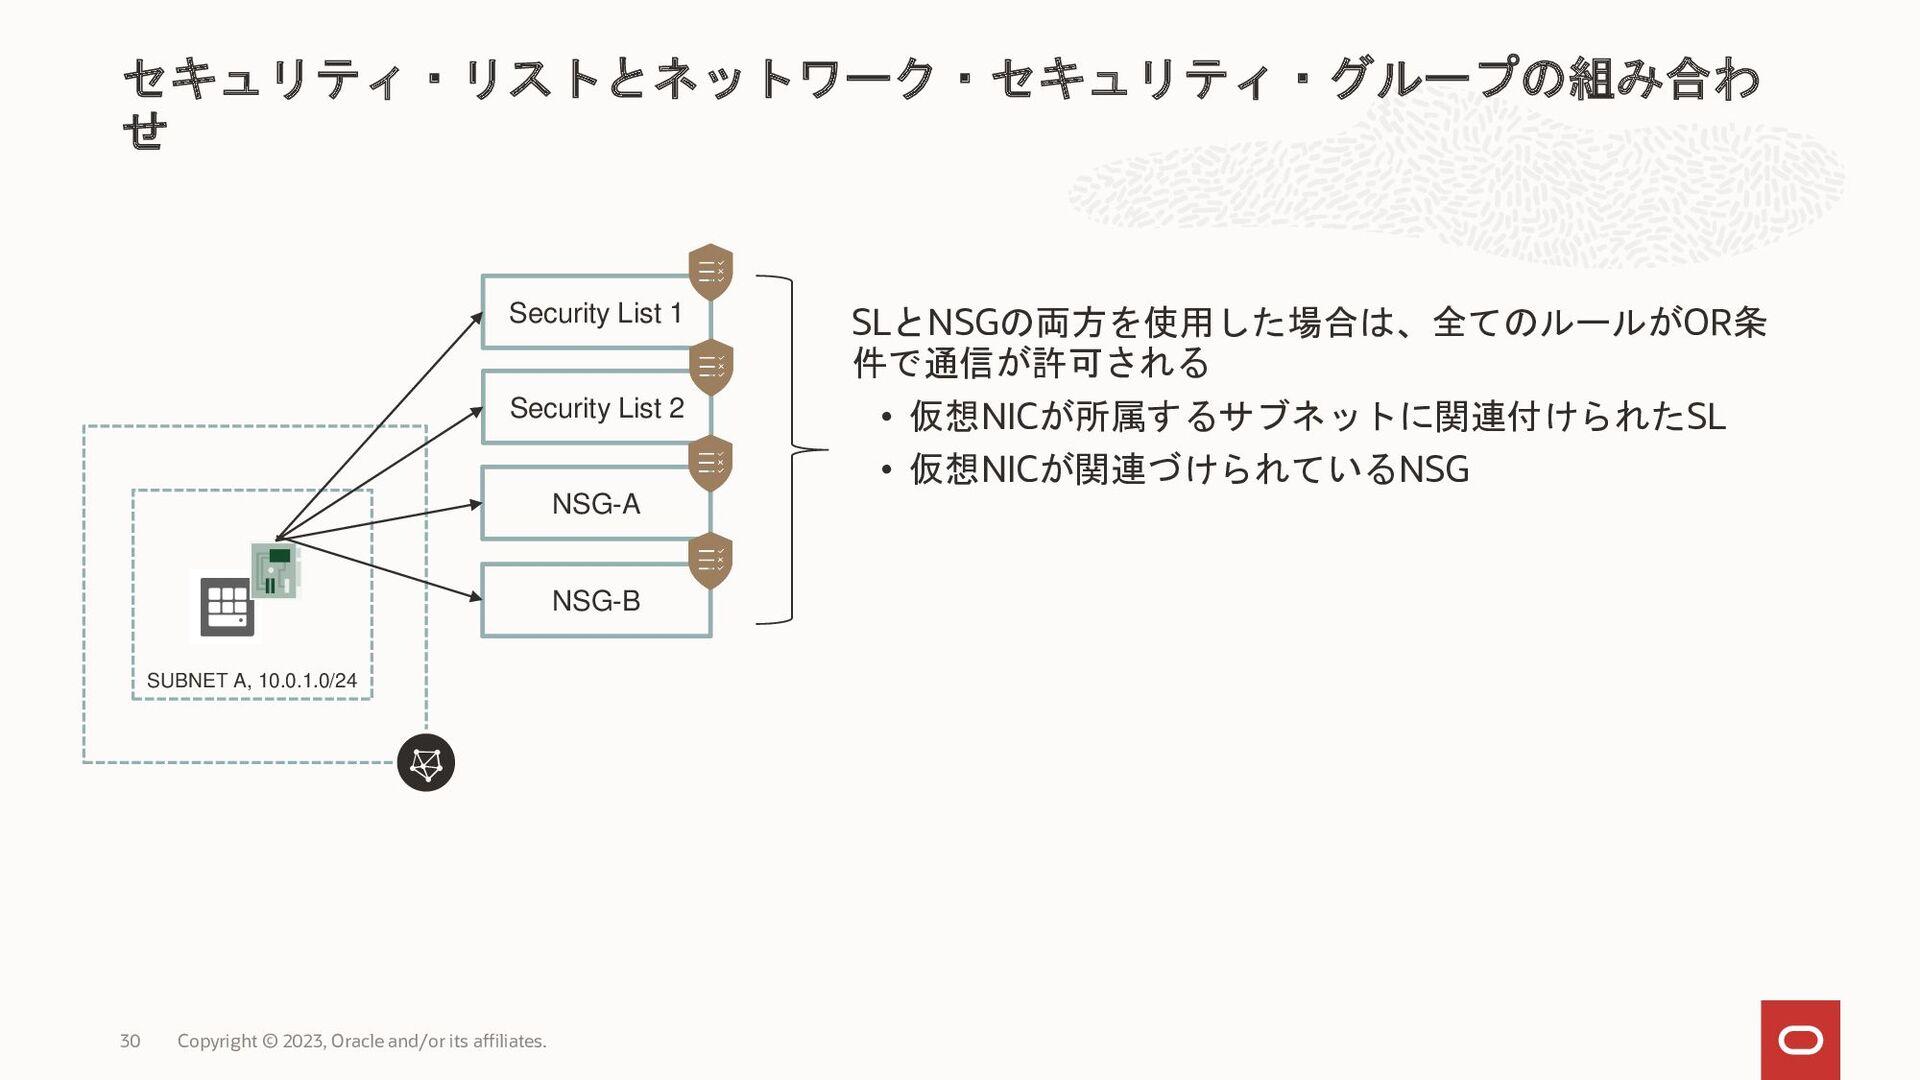 SUBNET A, 10.0.1.0/24 VCN, 10.0.0.0/16 SUBNET B...